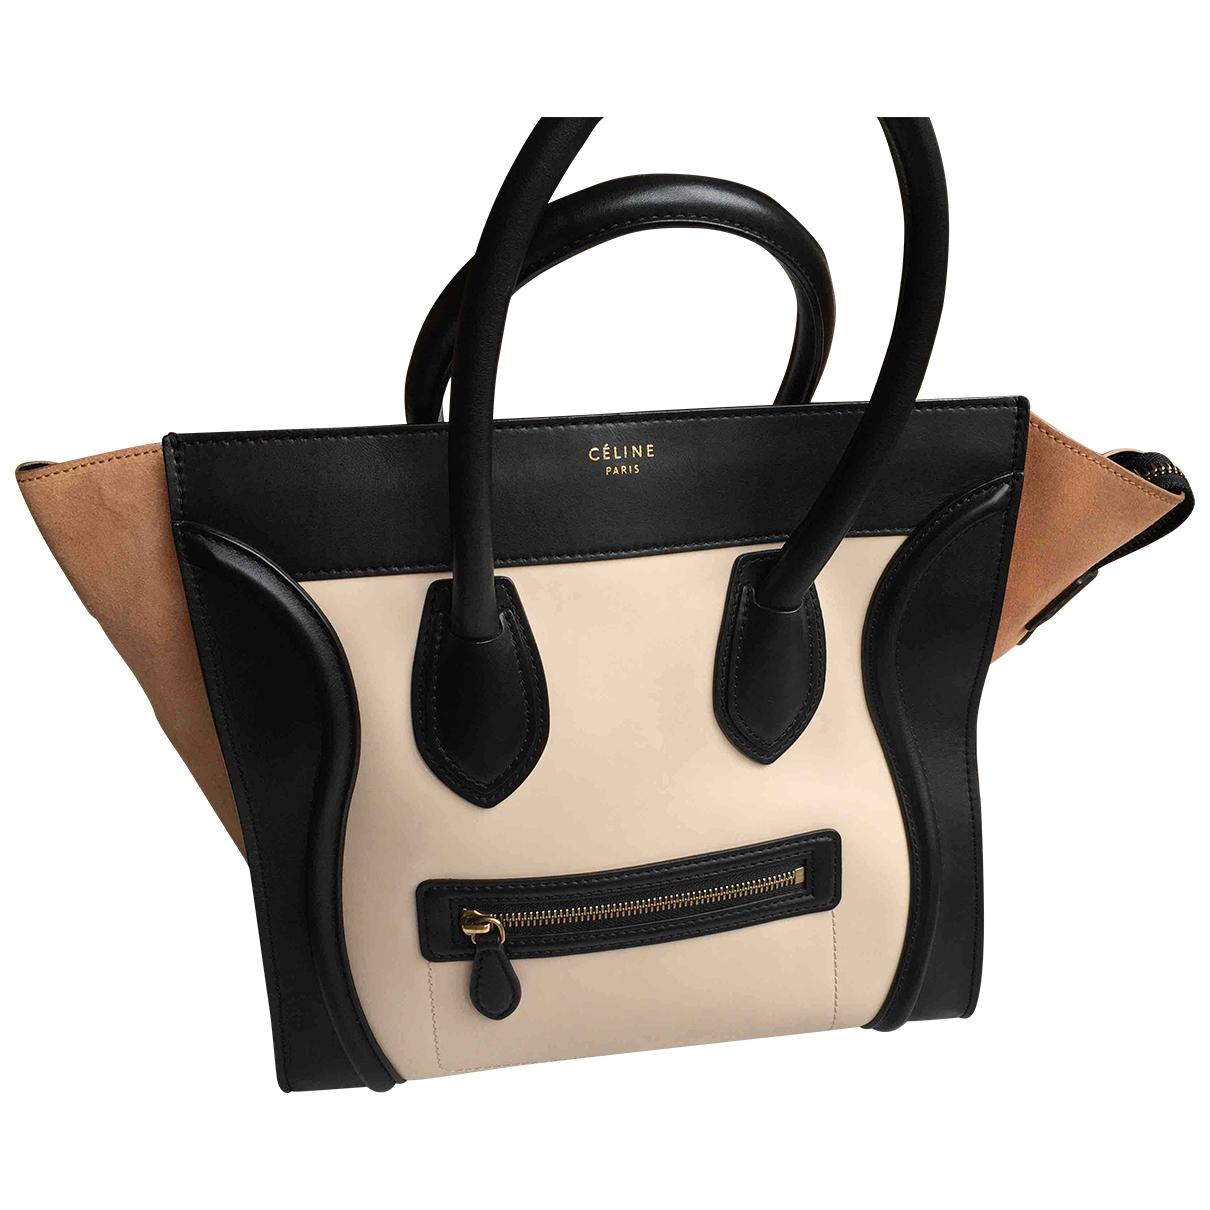 Celine Luggage Ecru Leather handbag for Women \N